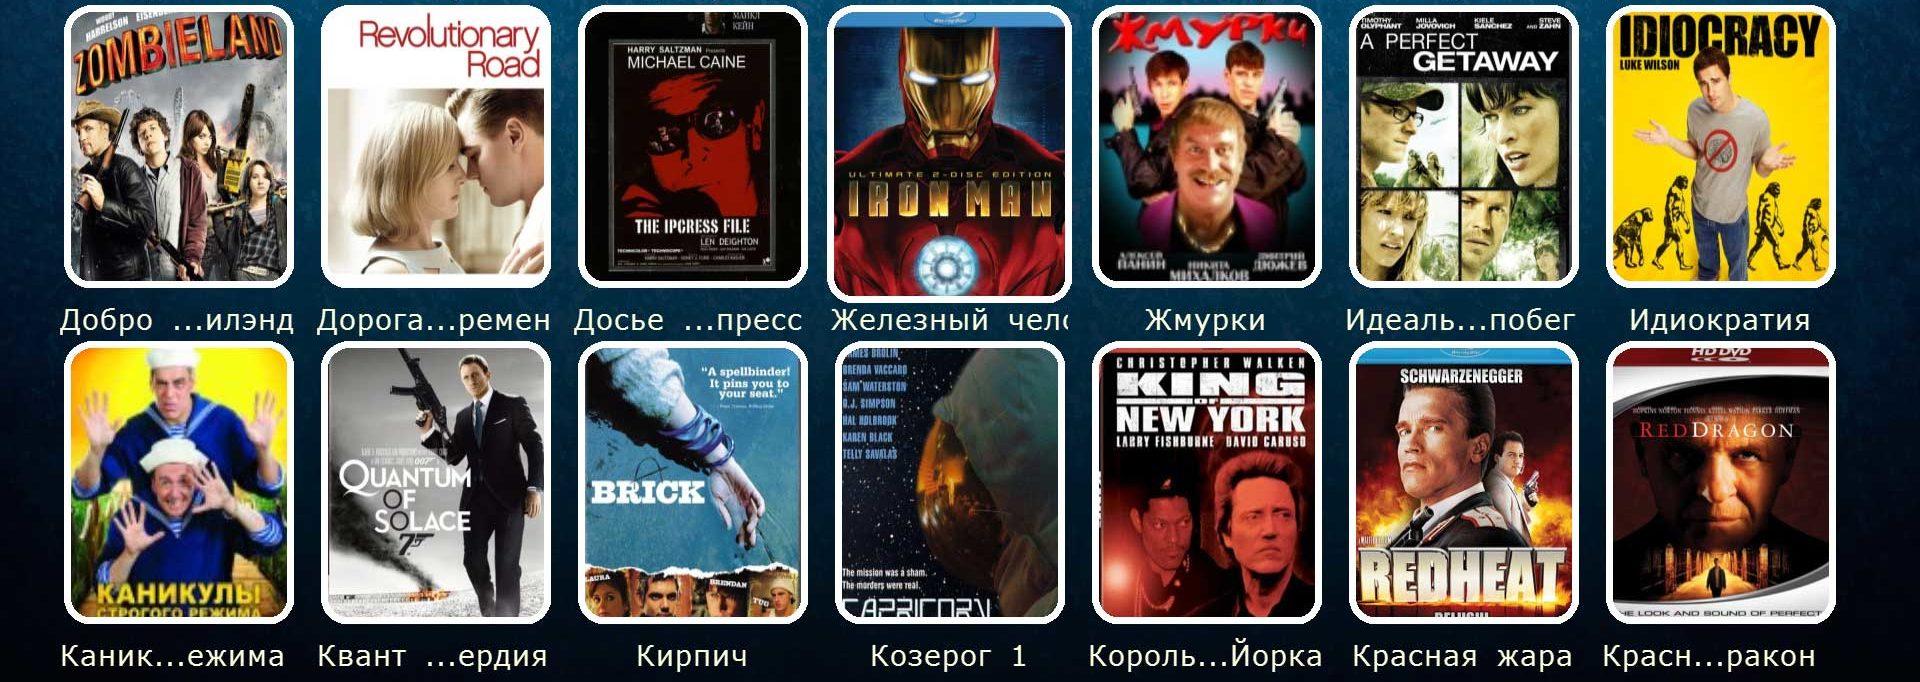 Скачать бесплатно и без регистрации фильмы и сериалы онлайн